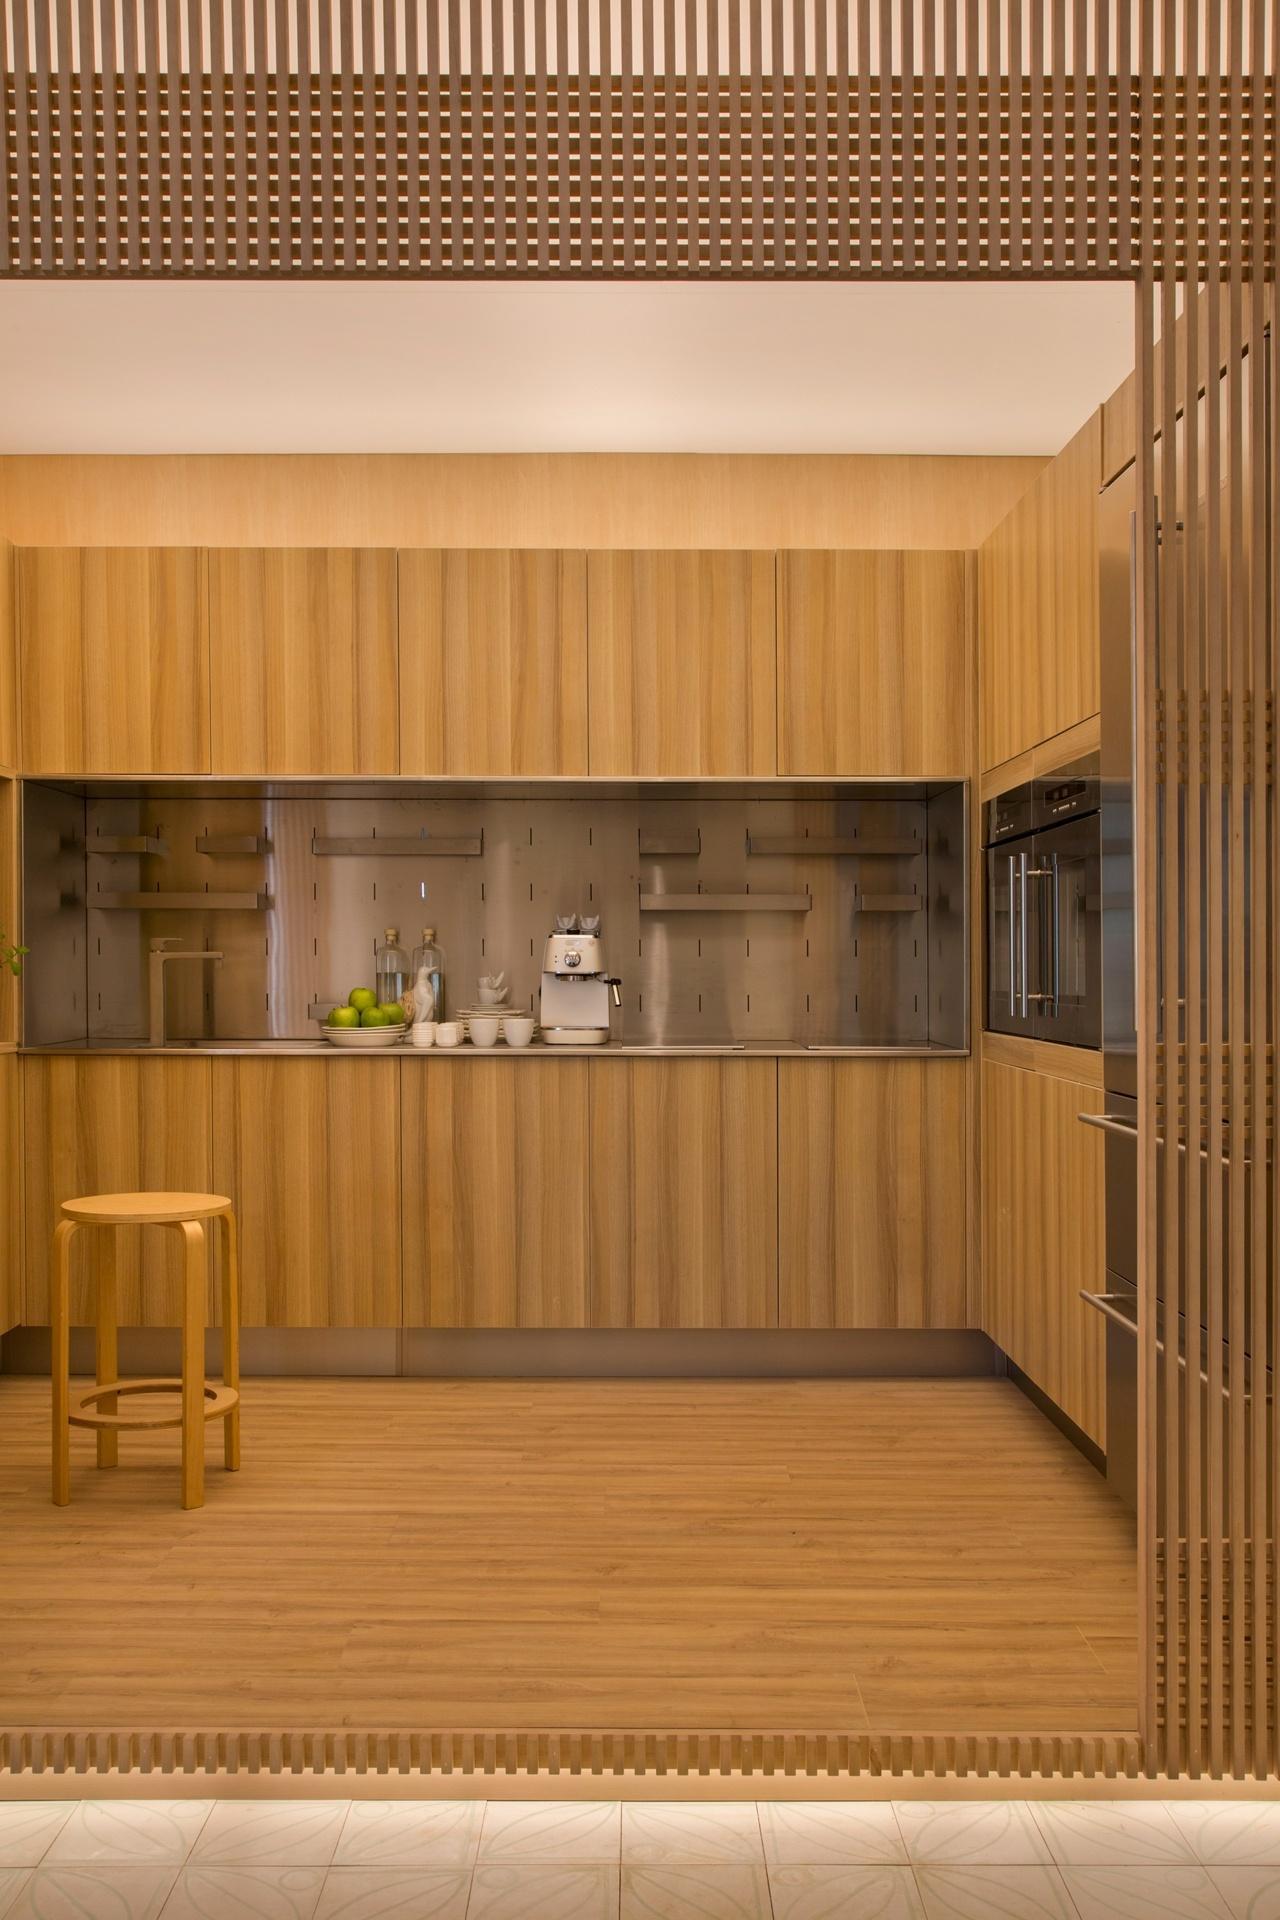 Casa Cor SP 2016 - ambiente Shoji 04: A cozinha fica encaixotada no projeto do escritório Yamagata Arquitetura. No ambiente, a madeira clara predomina e, para dar um aspecto leve à estrutura, a iluminação foi parcialmente instalada atrás dos painéis e logo abaixo do degrau